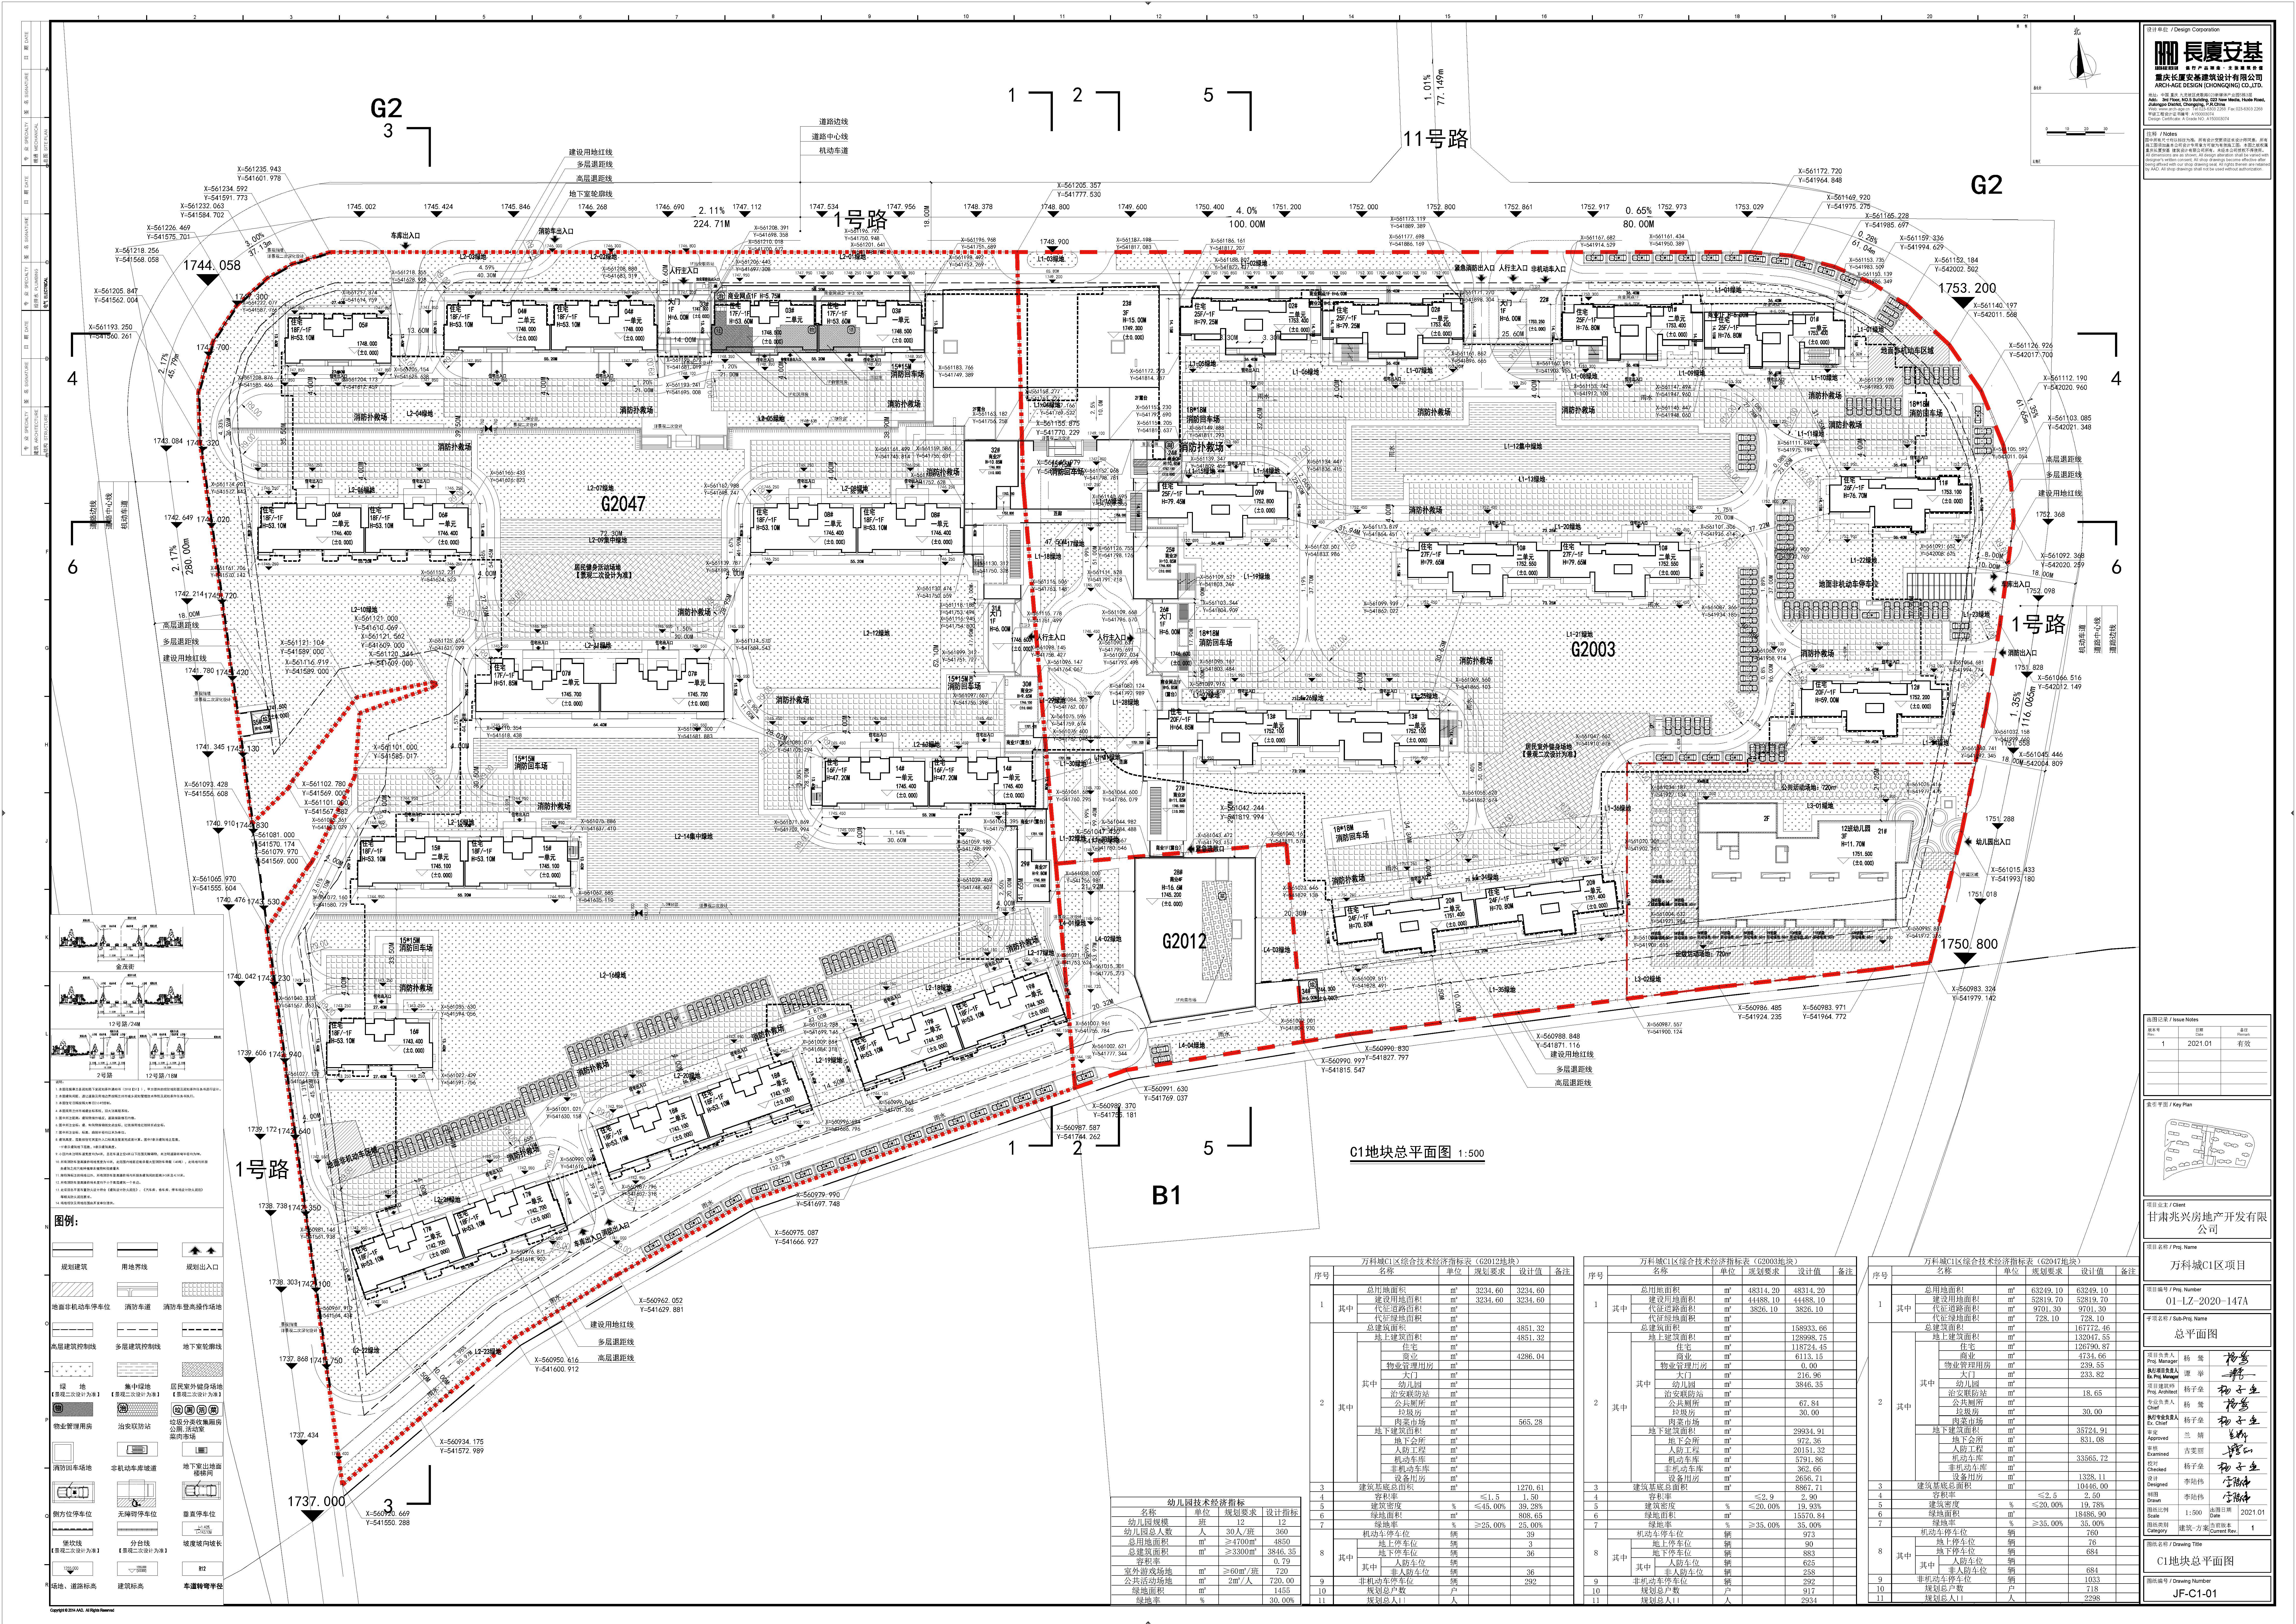 皋兰县自然资源局关于万科城C1区项目总平面方案的批后公布